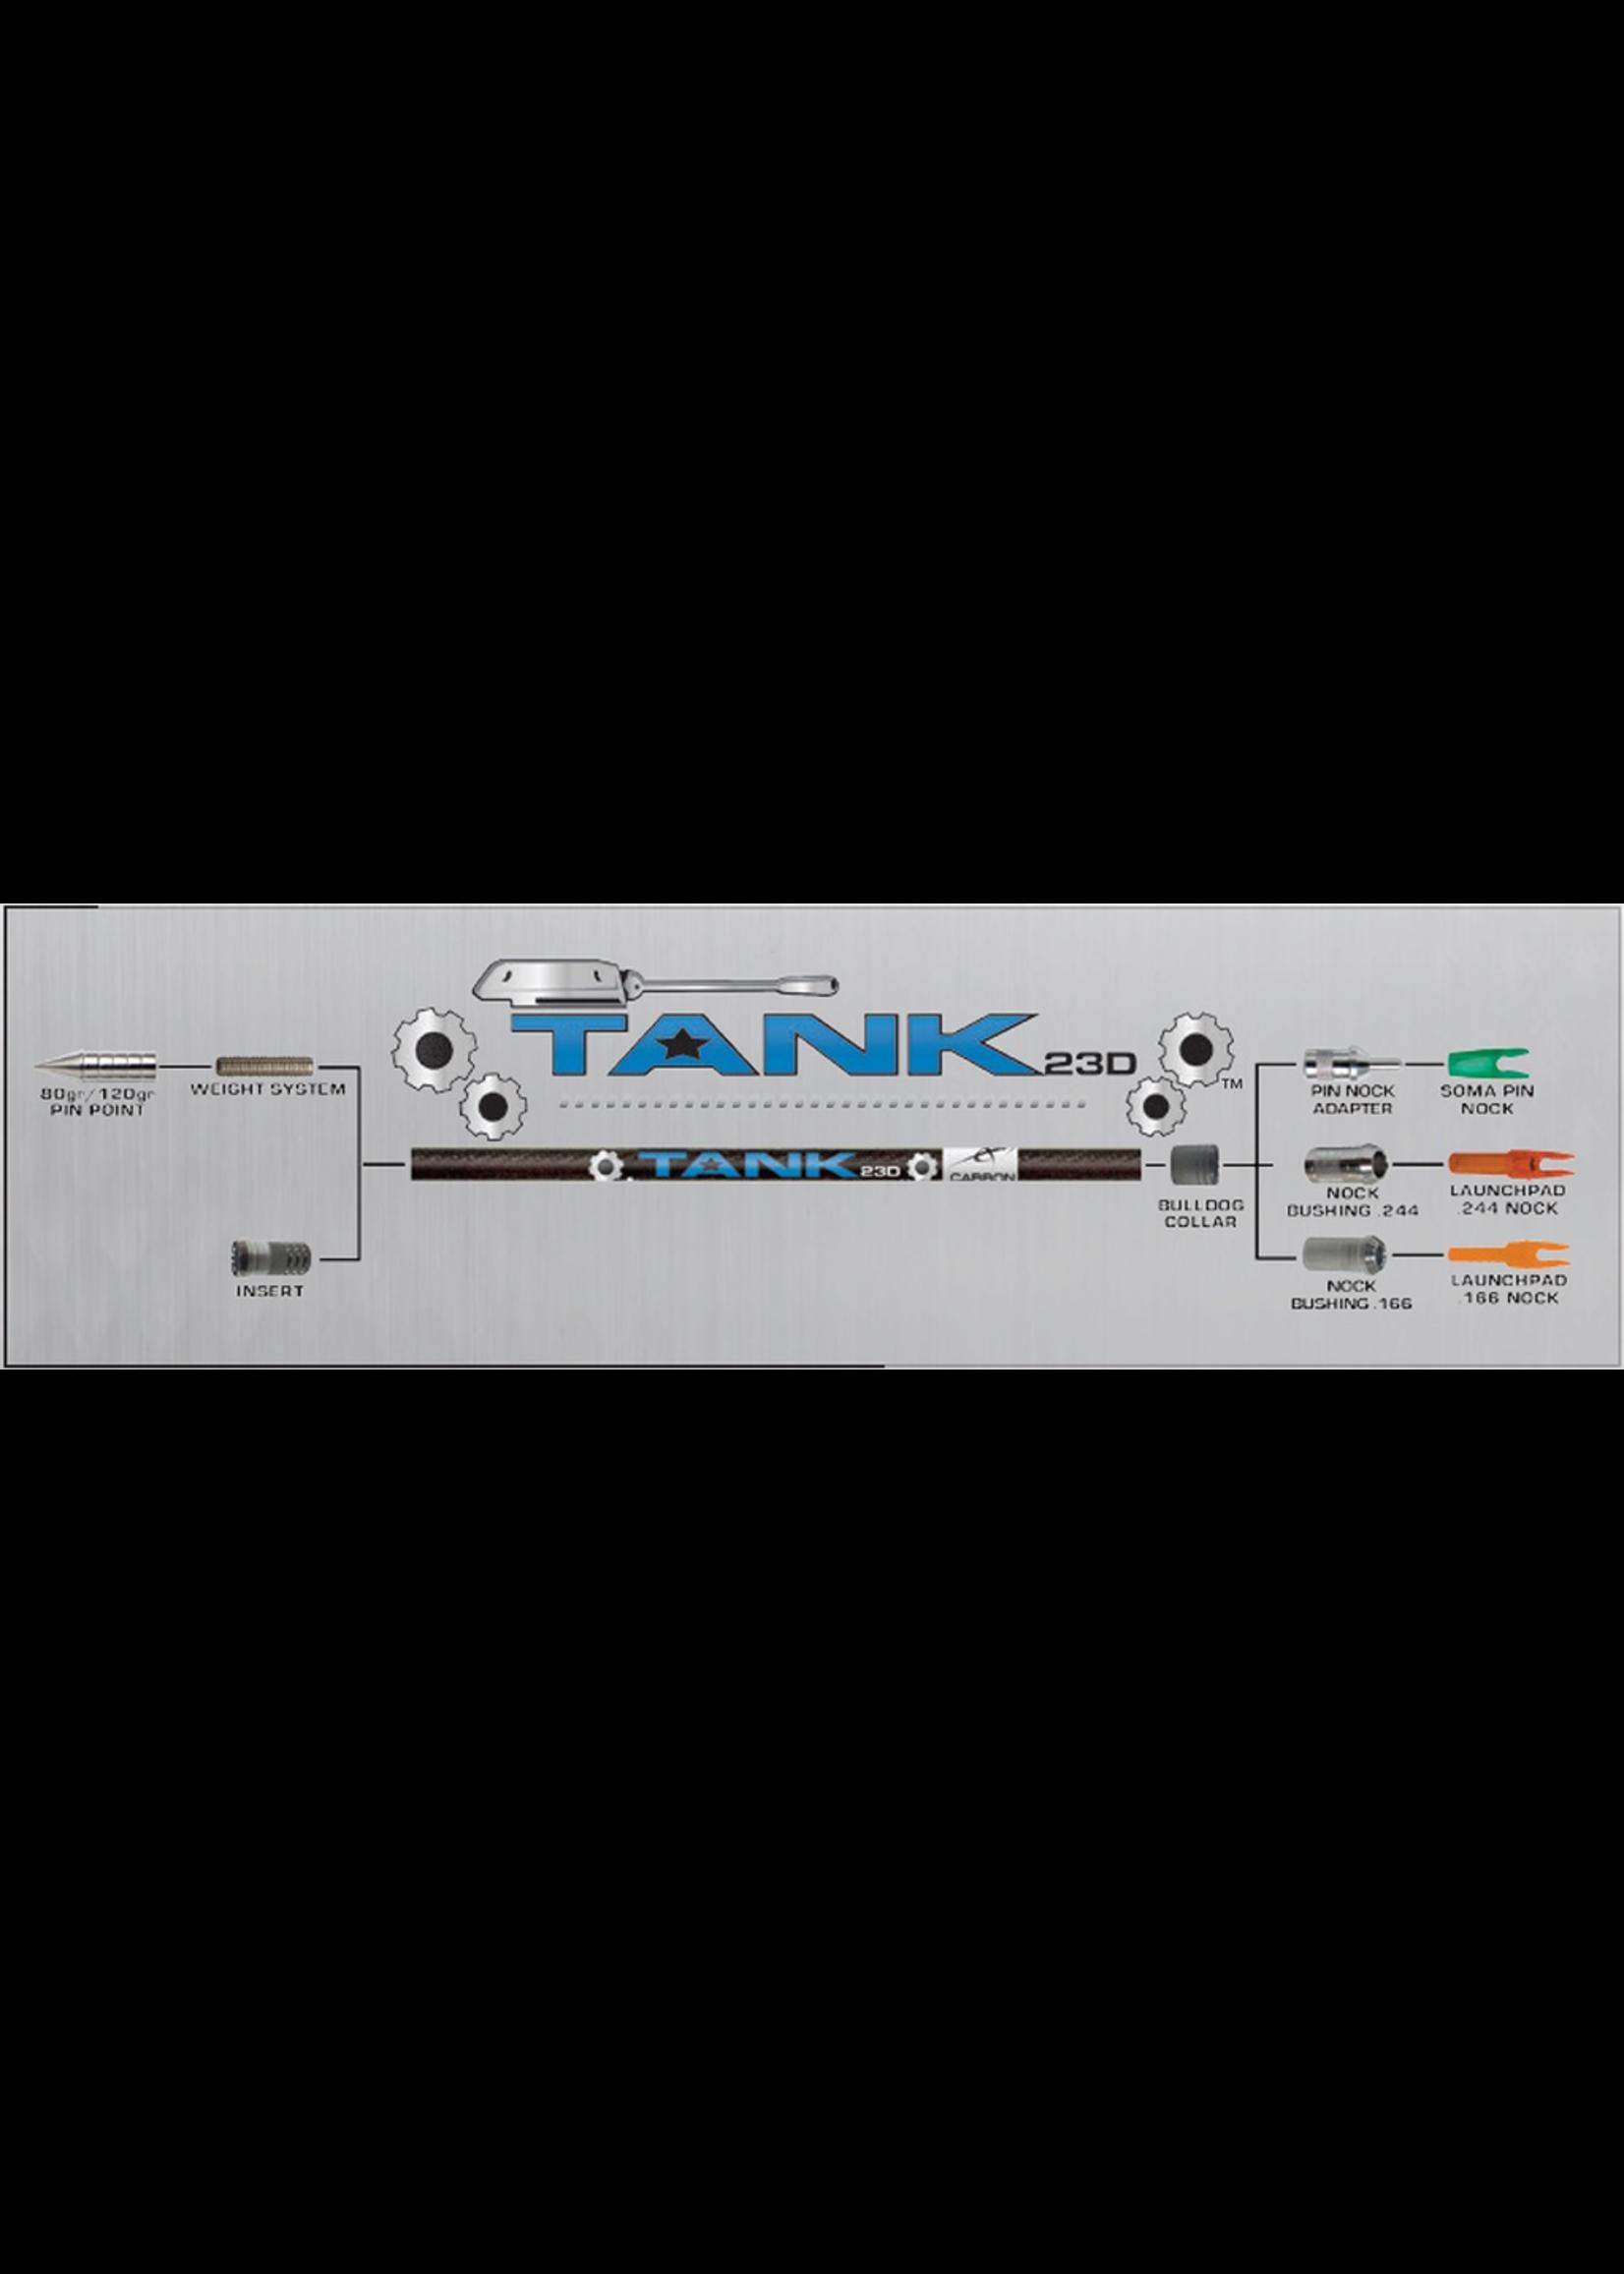 Carbon Express CX Tank 23D